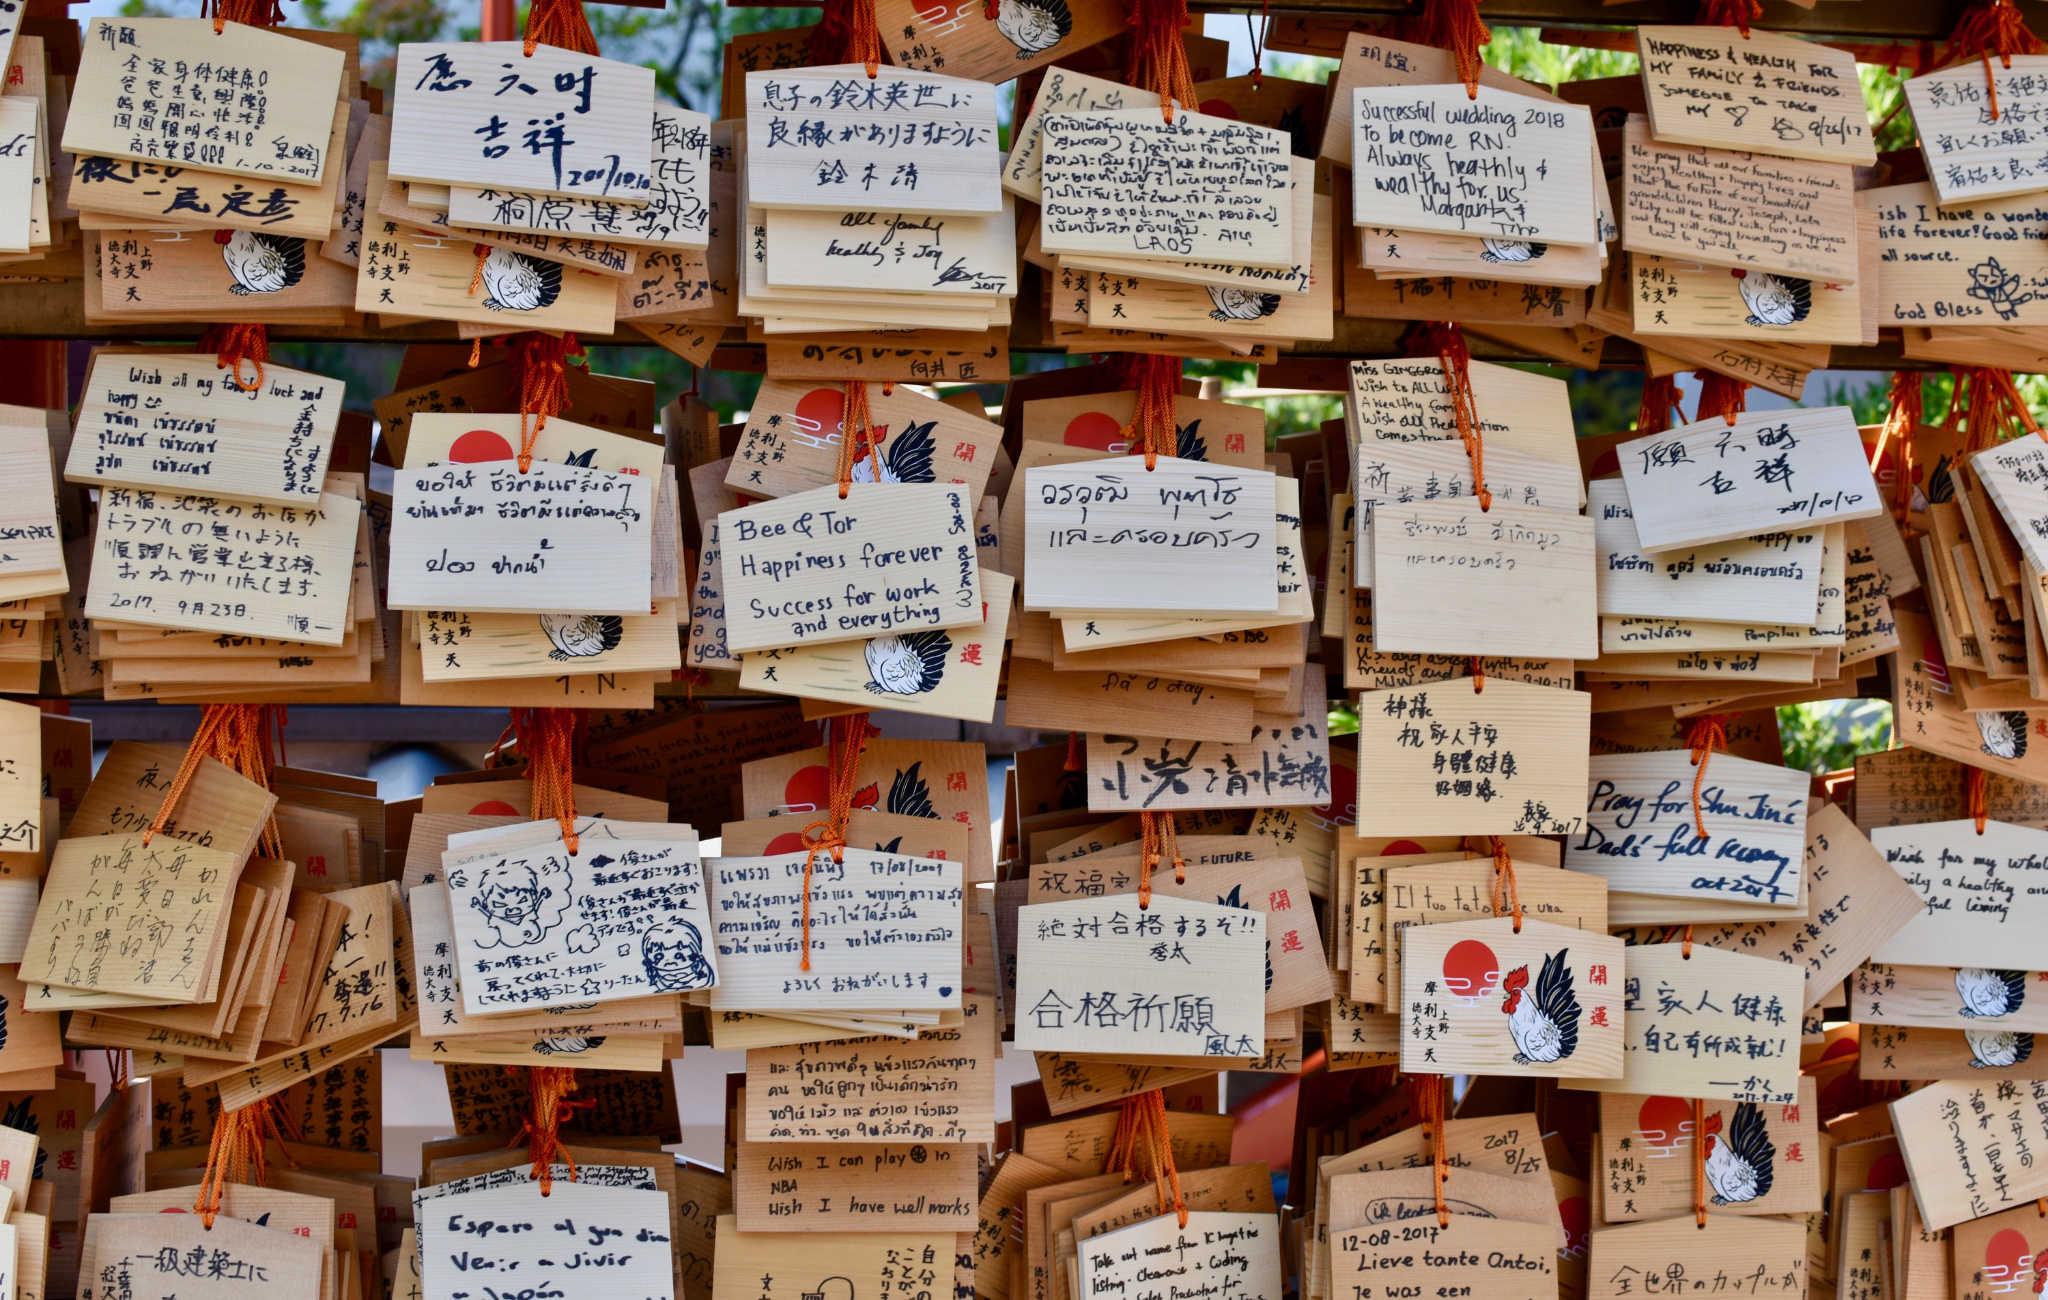 Nombreux ema, avec des prières écrites dans diverses langues